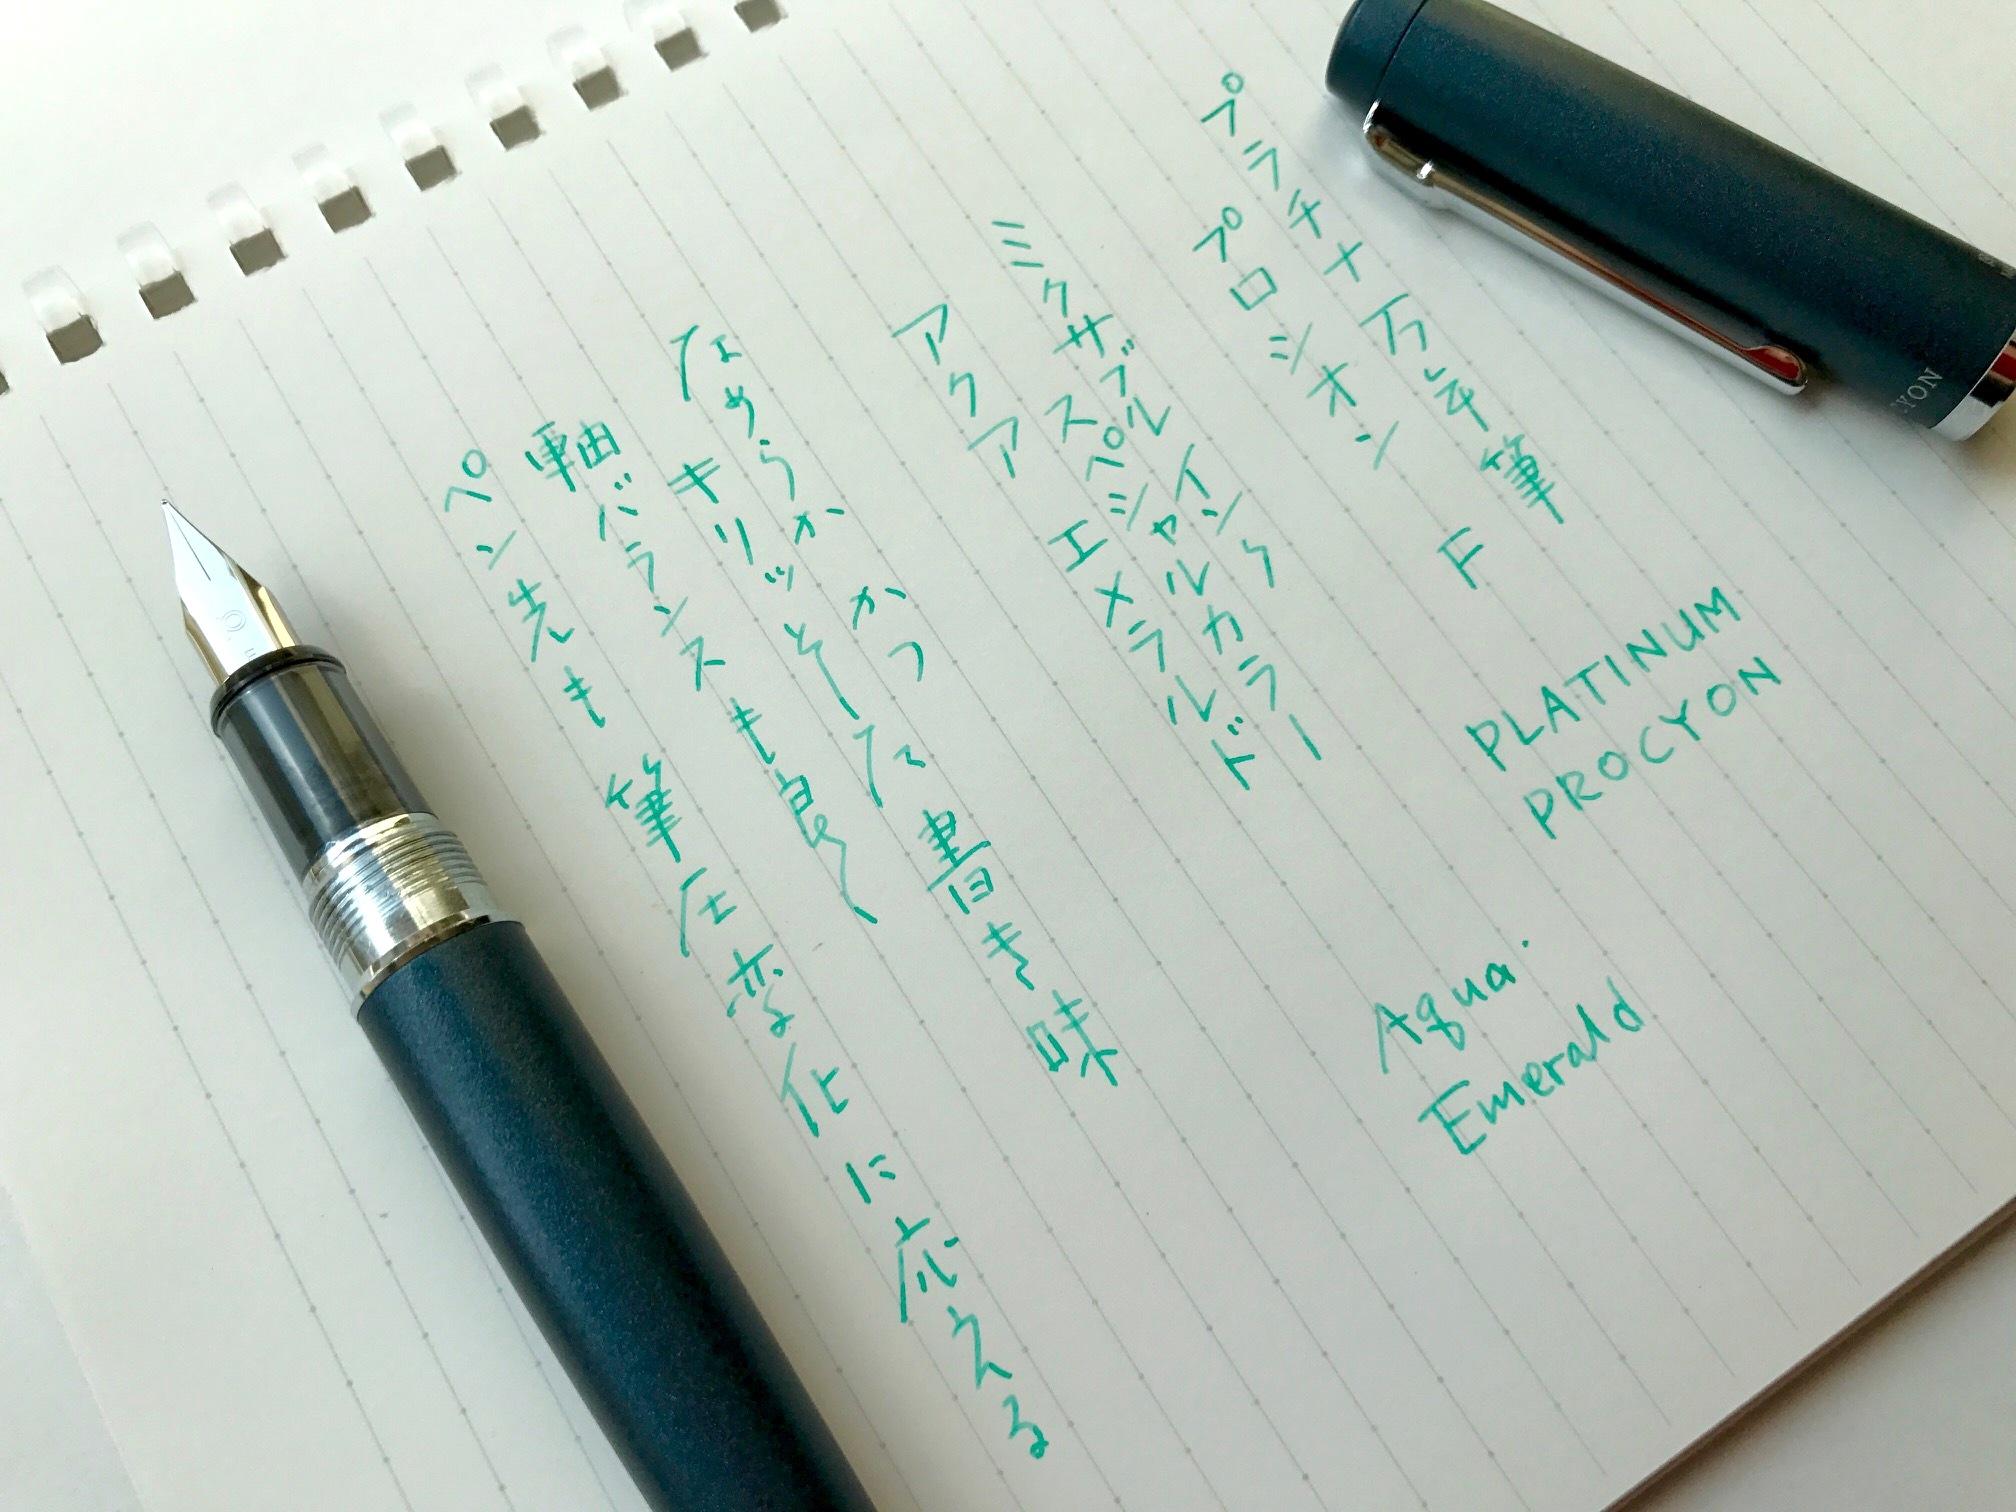 小日向京のひねもす文房具|第百五十三回「プラチナ万年筆 PROCYON(プロシオン)」